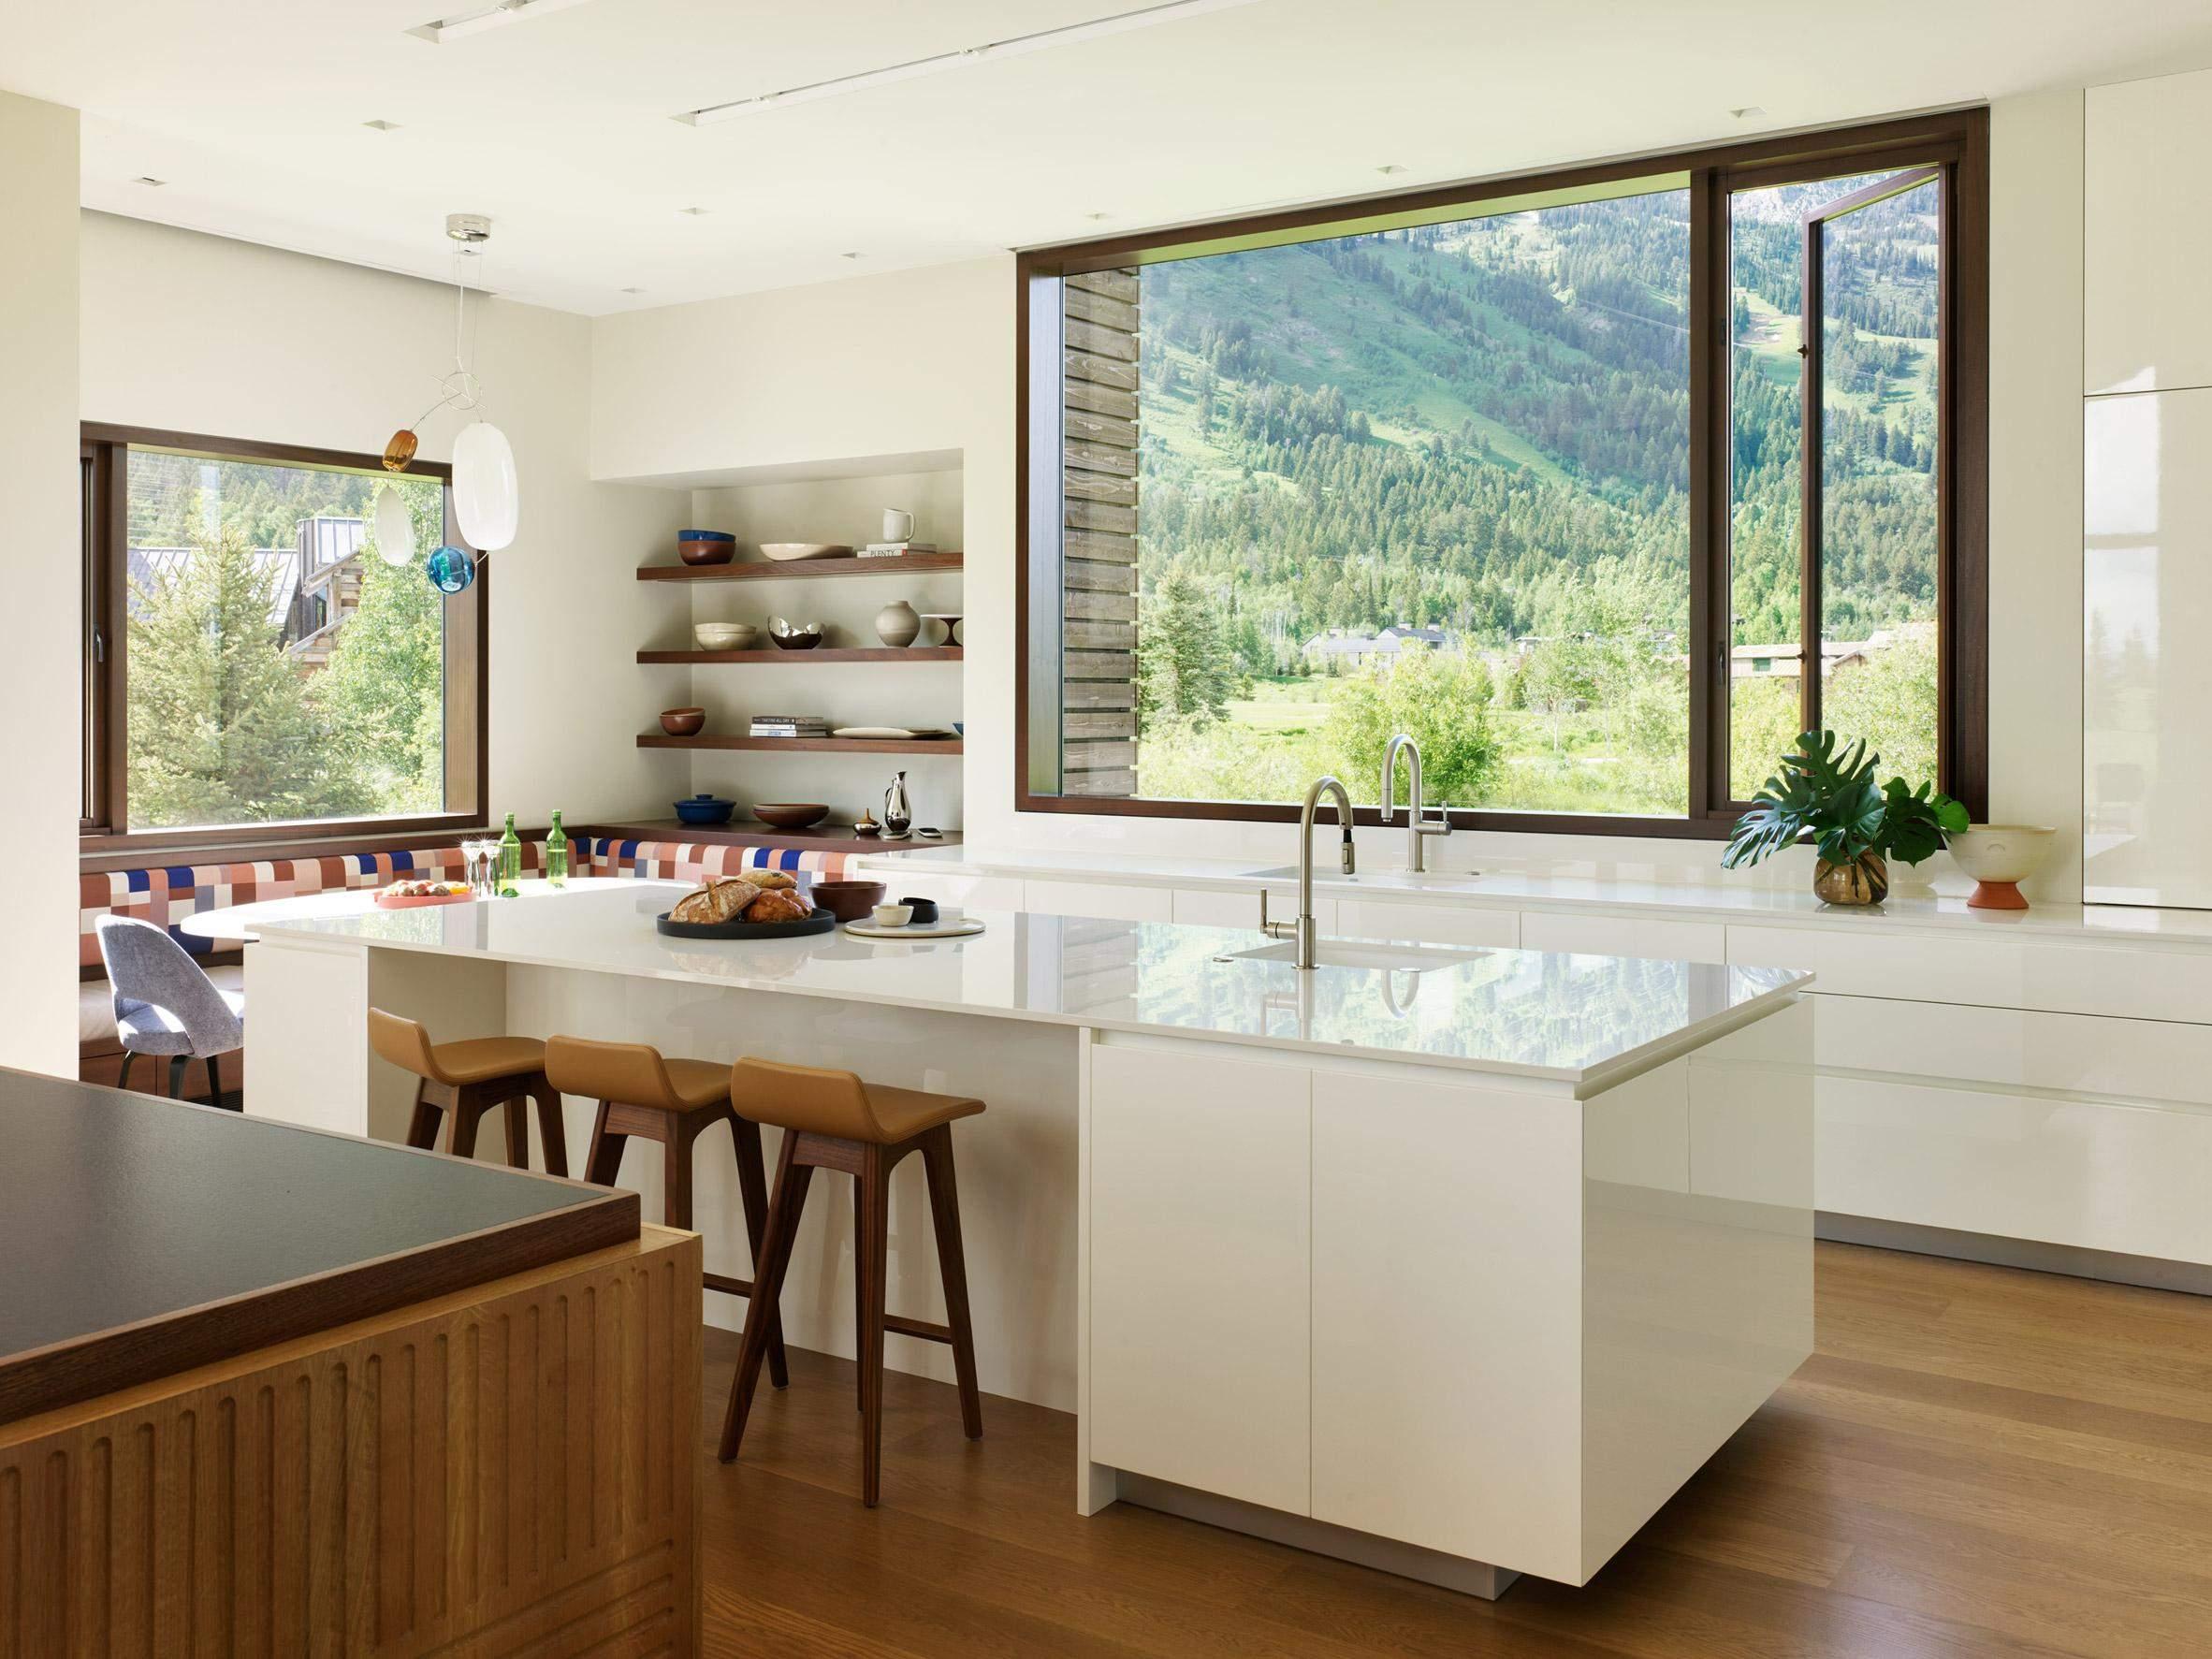 Кухня світла та без зайвих нагромаджень / Фото Deezen